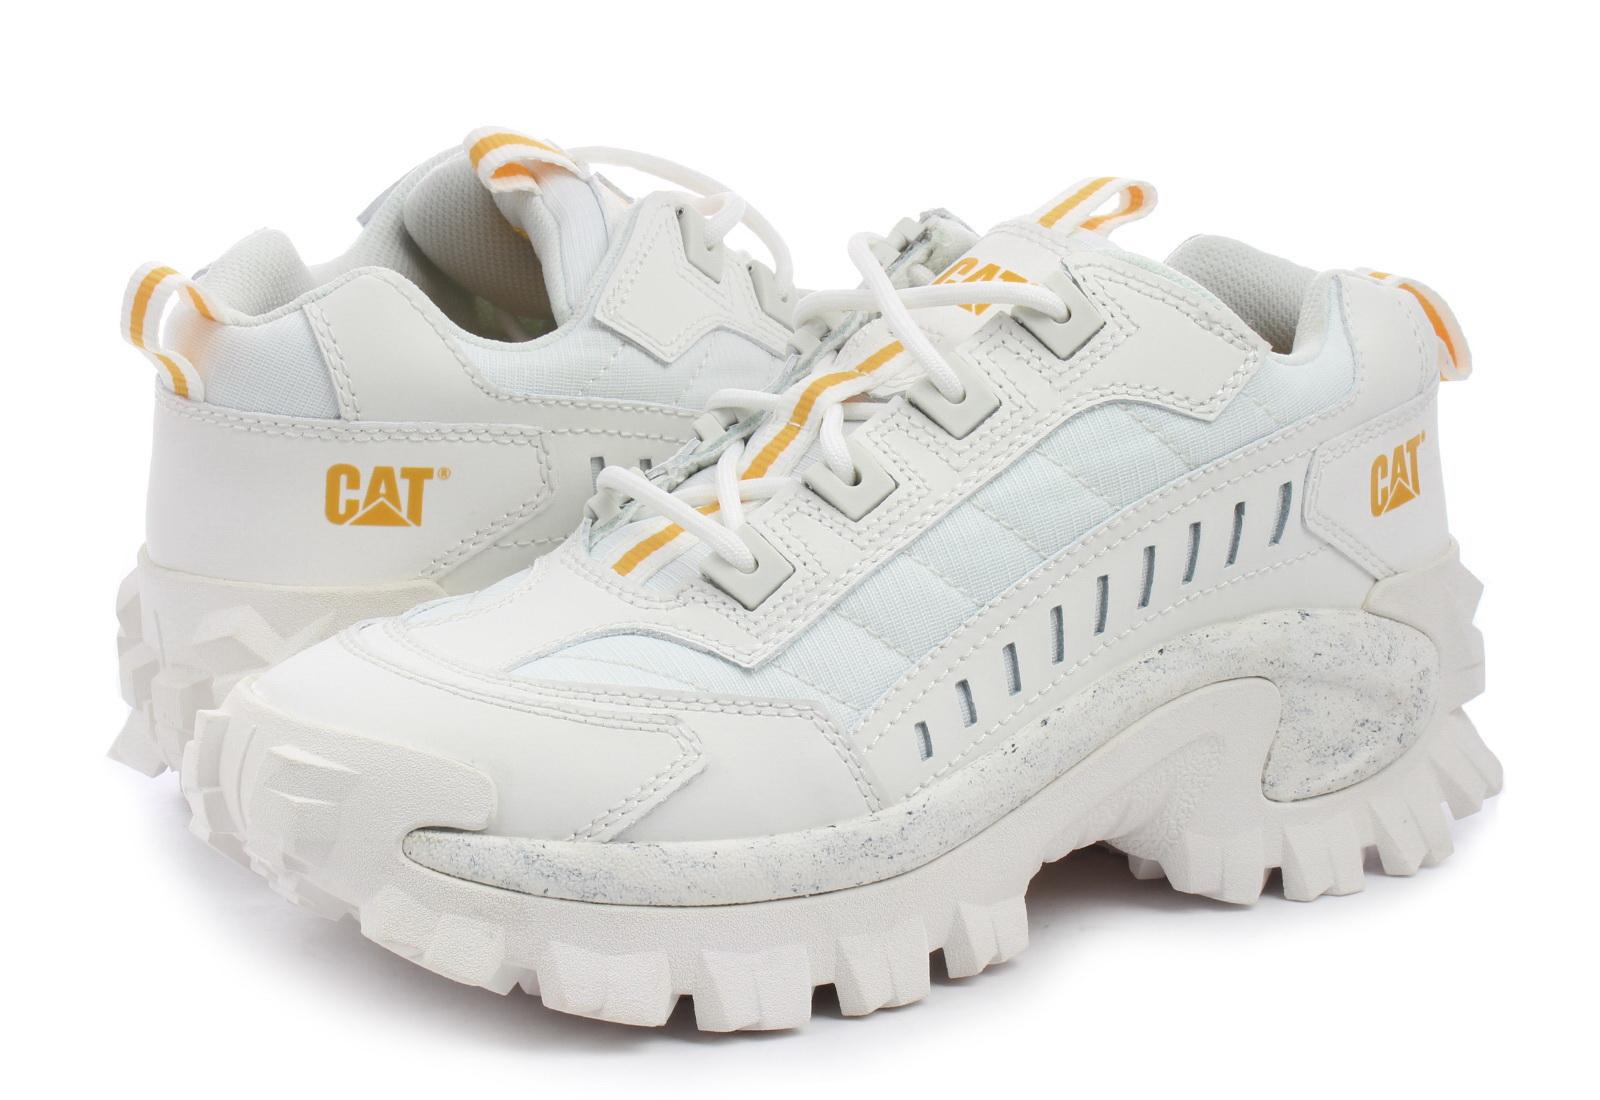 cat intruder sale